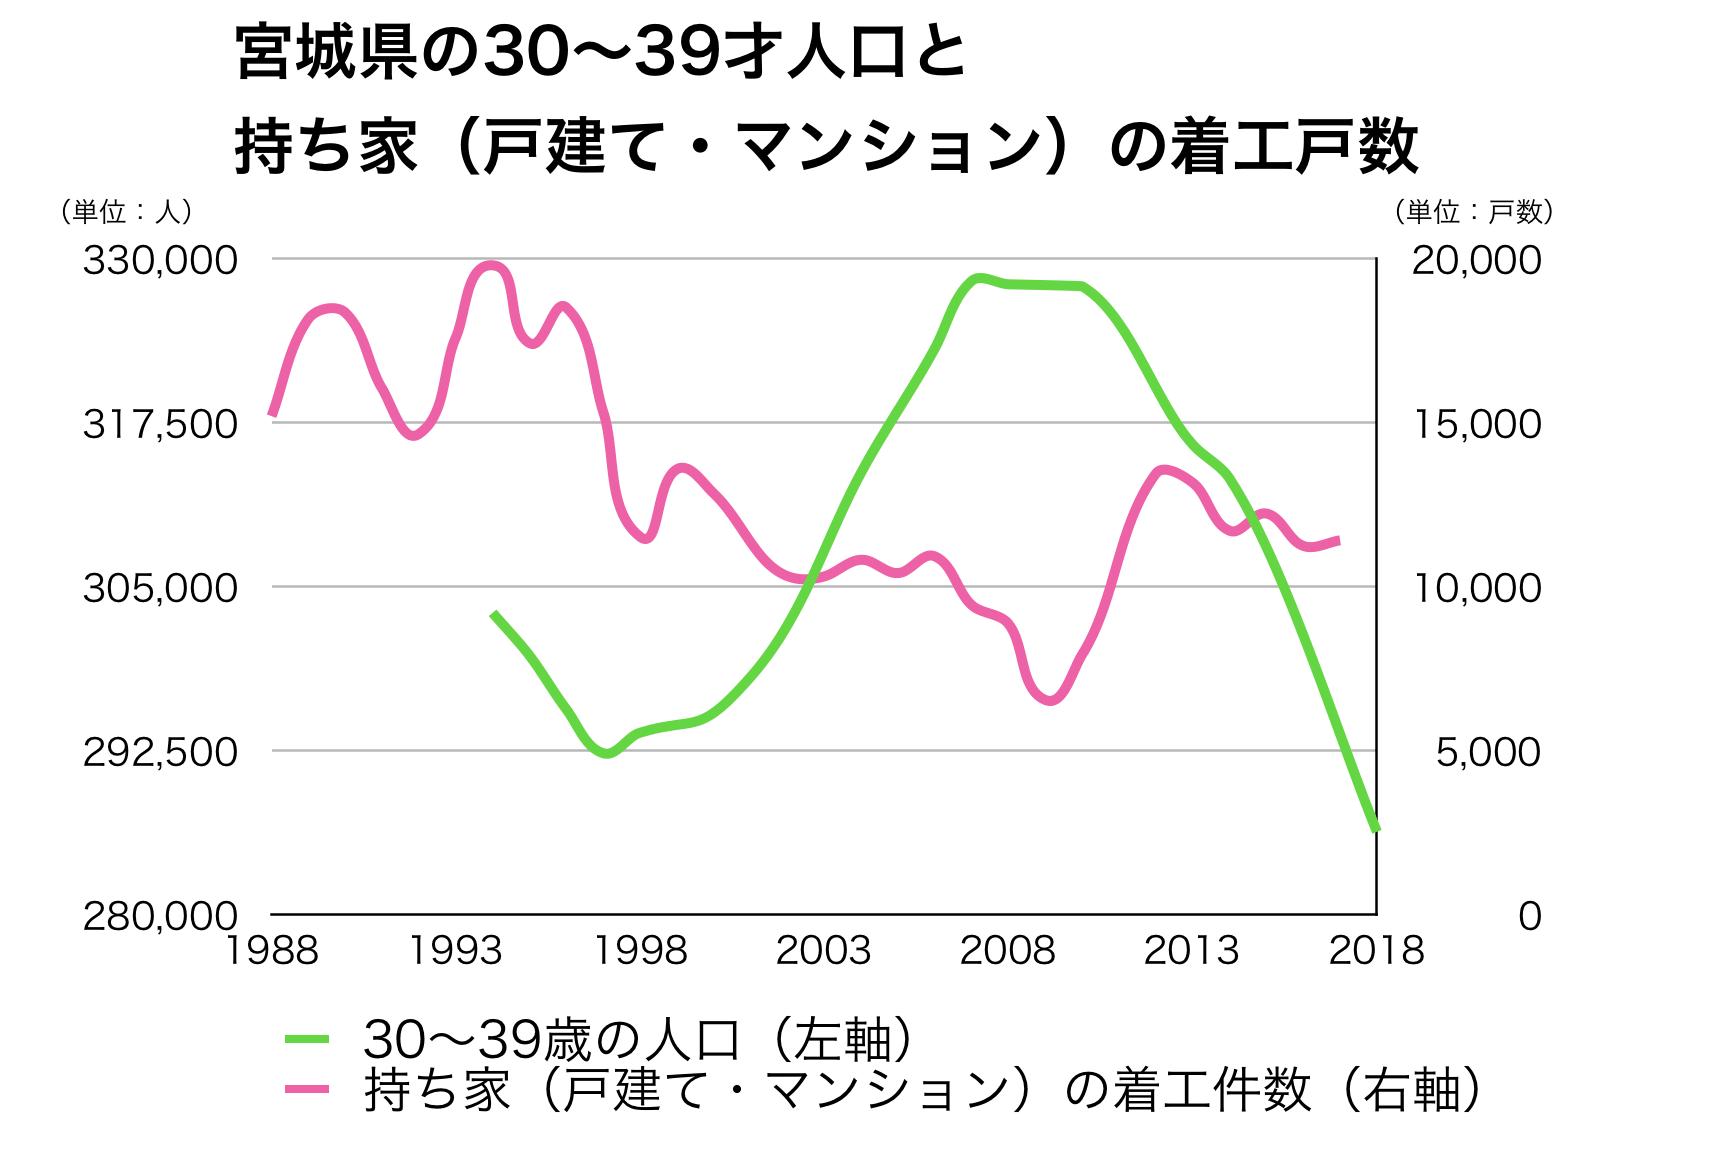 宮城県の30代人口と新設戸数